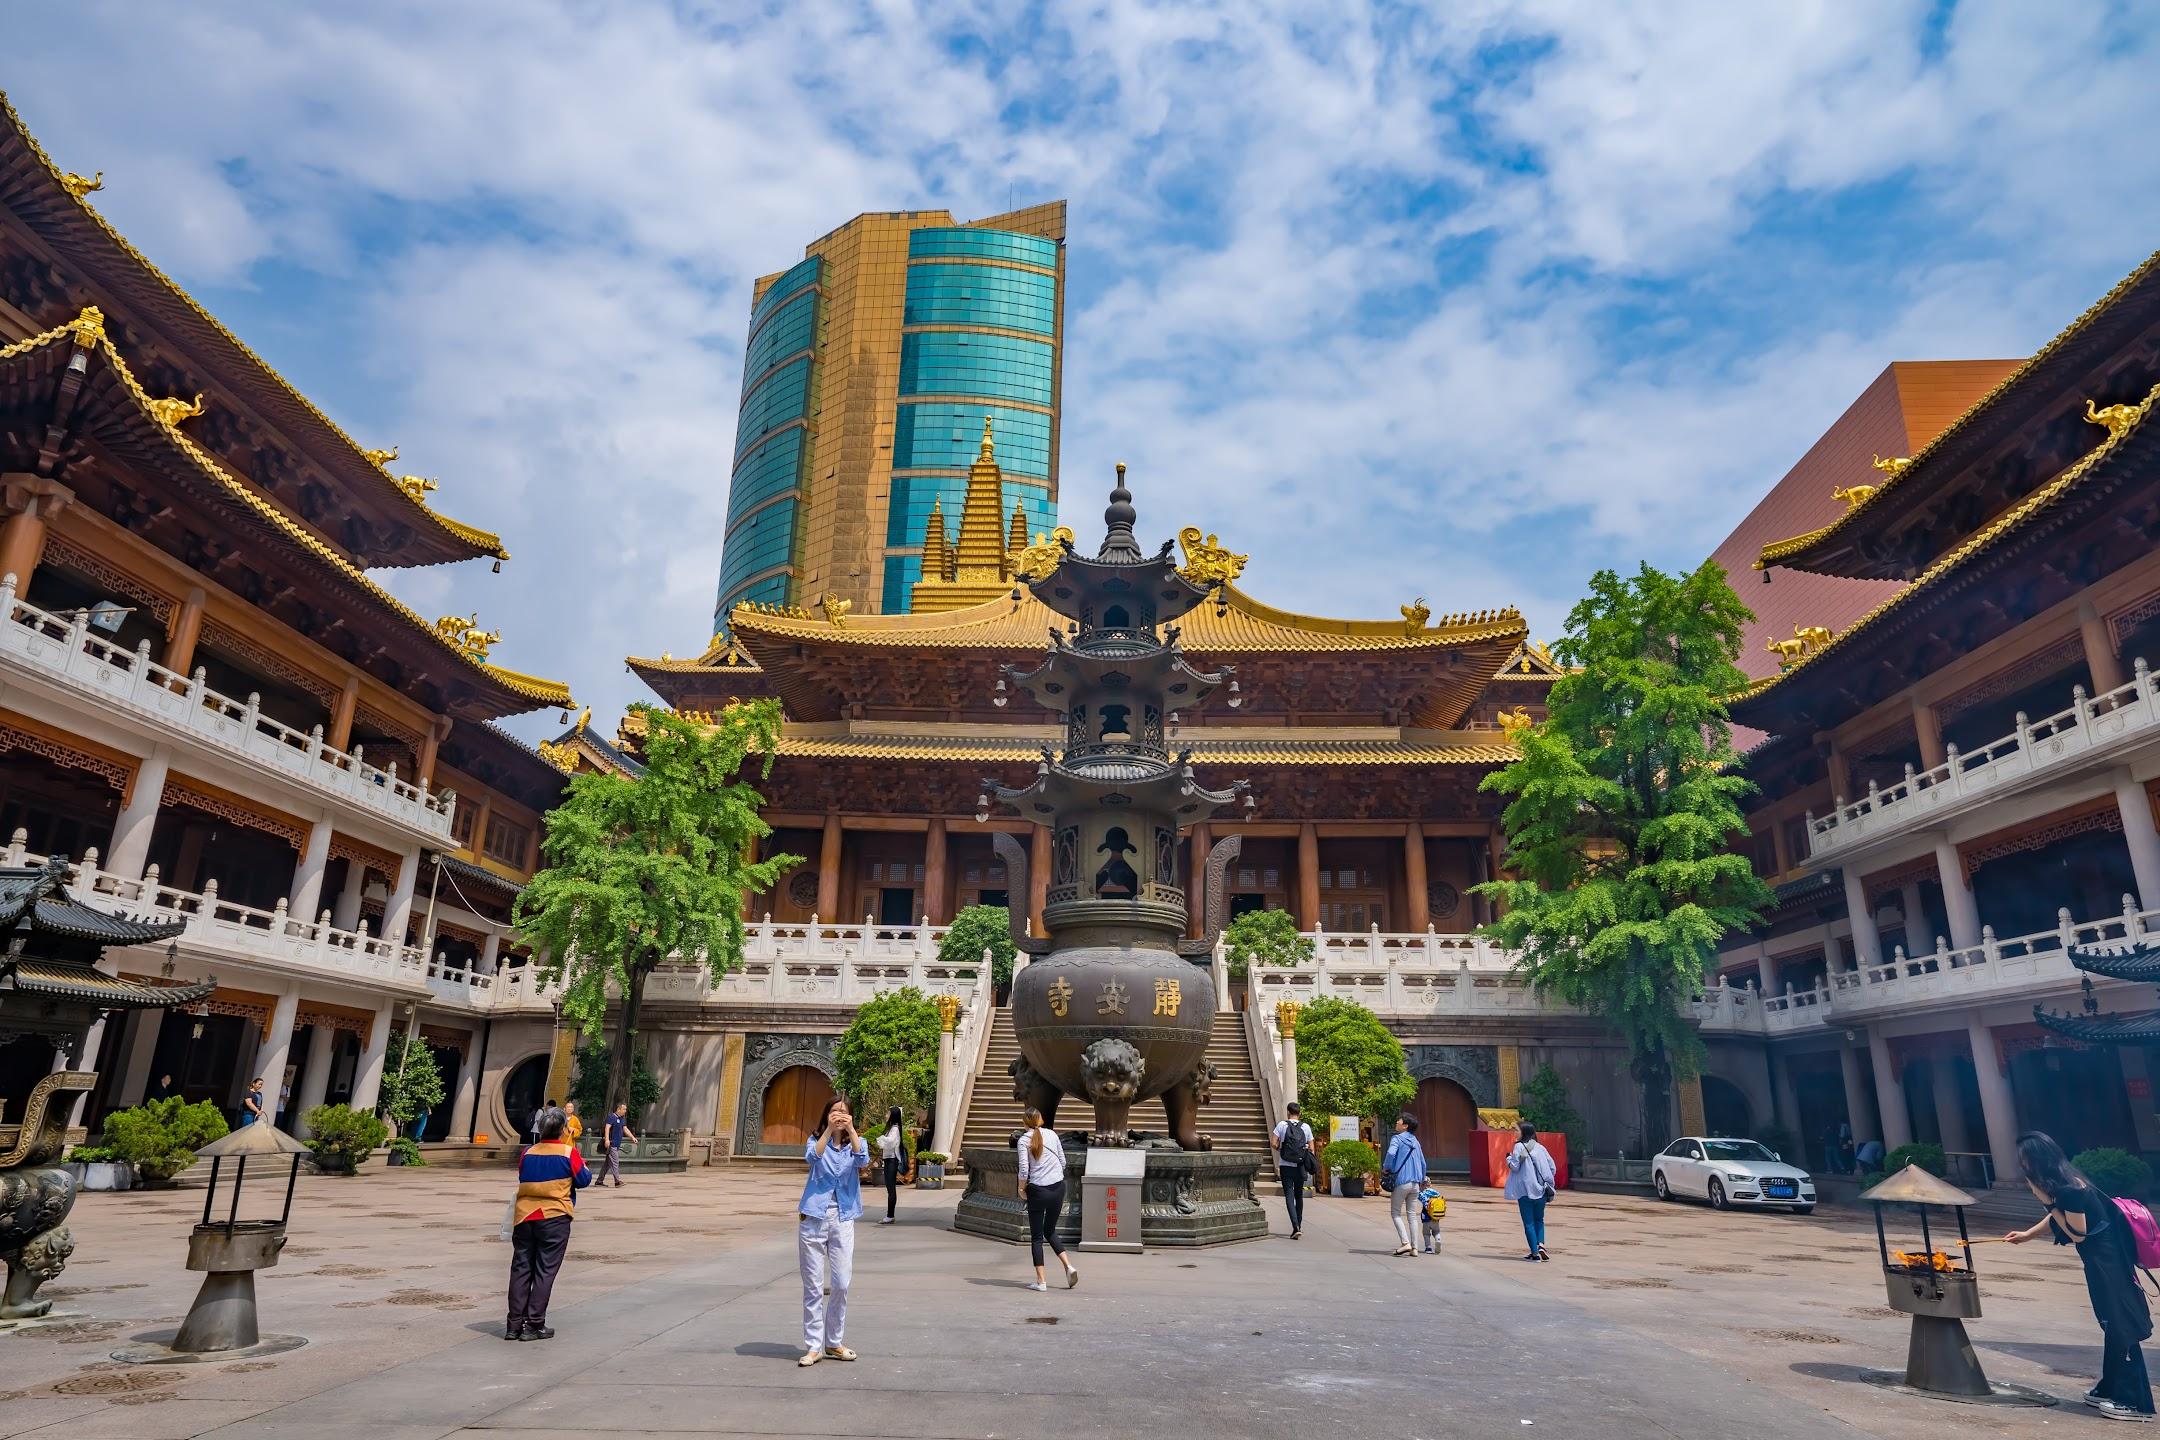 上海 静安寺1